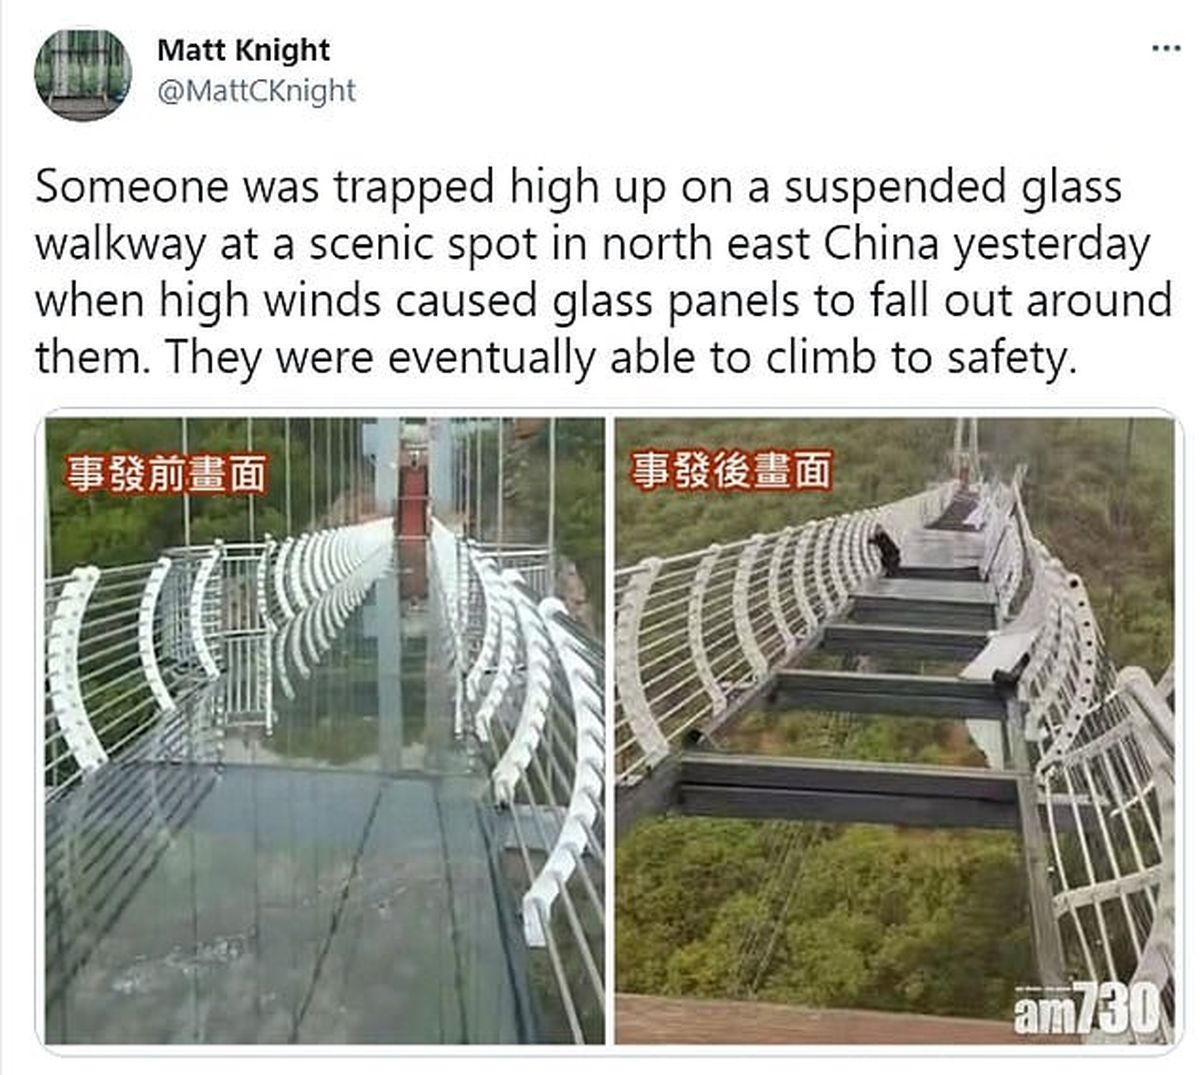 تصویر شکسته شدن پل شیشه ایی معلق و آویزان ماندت توریست